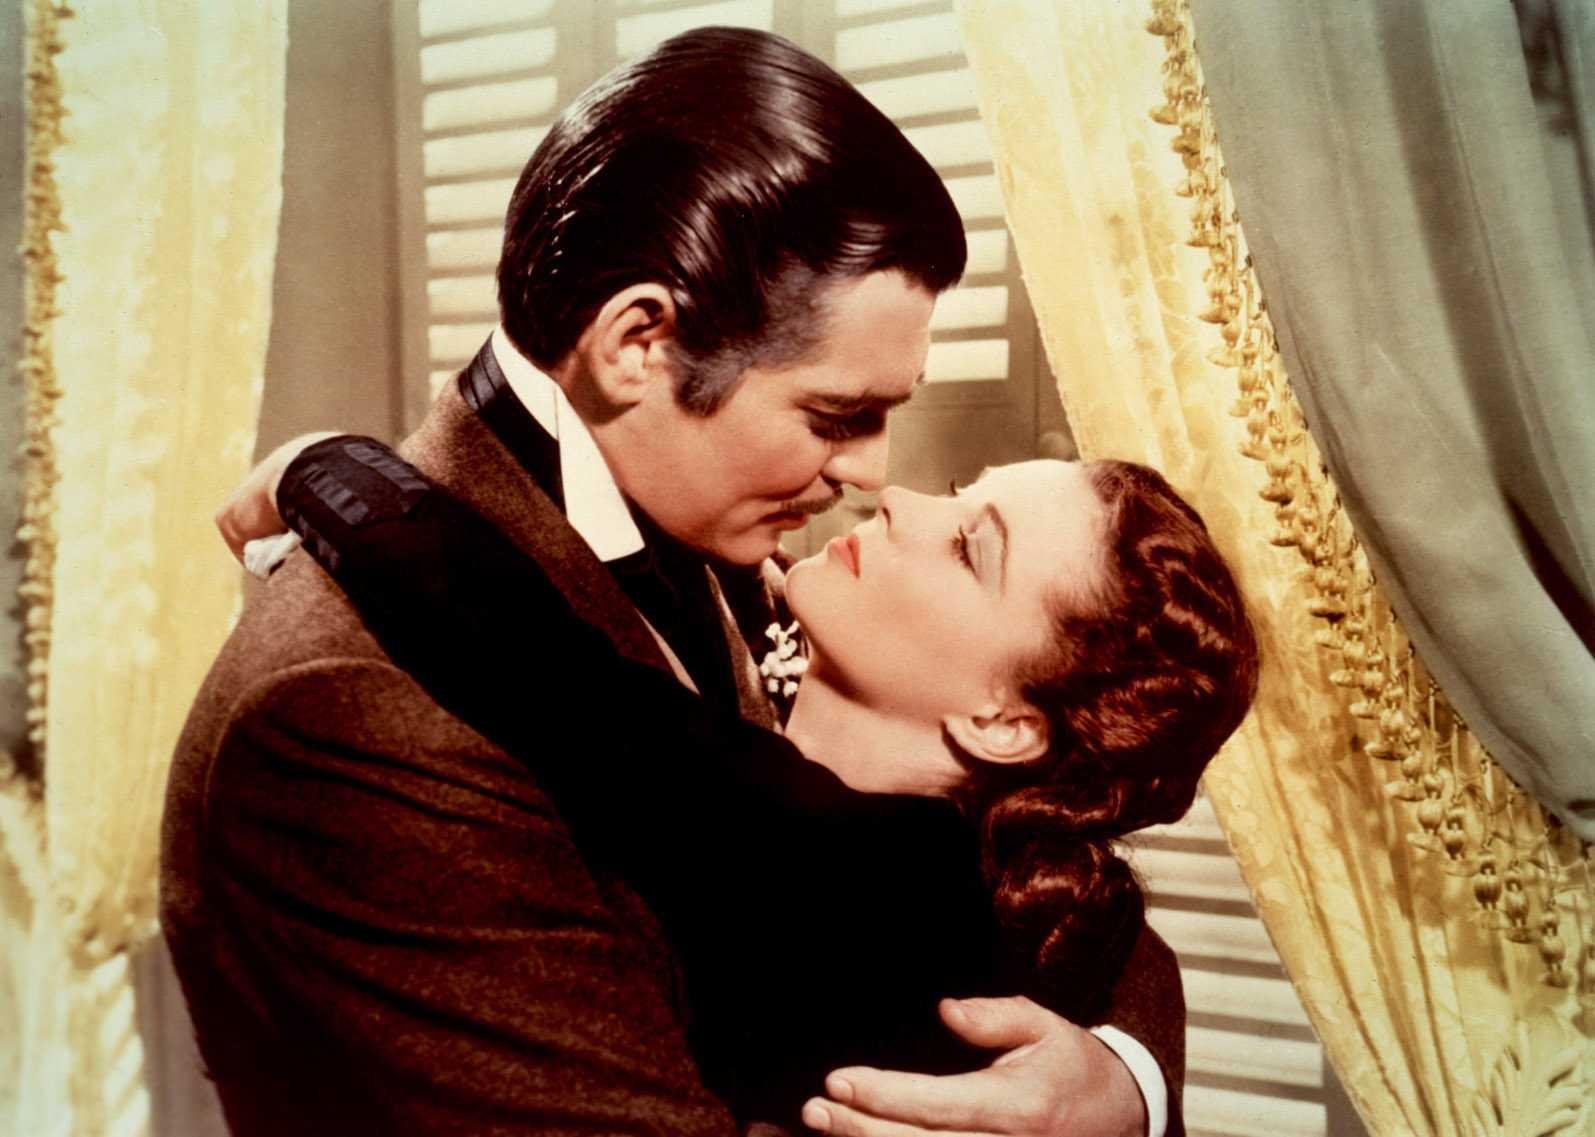 Những hình ảnh đáng nhớ về cặp đôi Scarlett O'Hare - Rhett Butler.